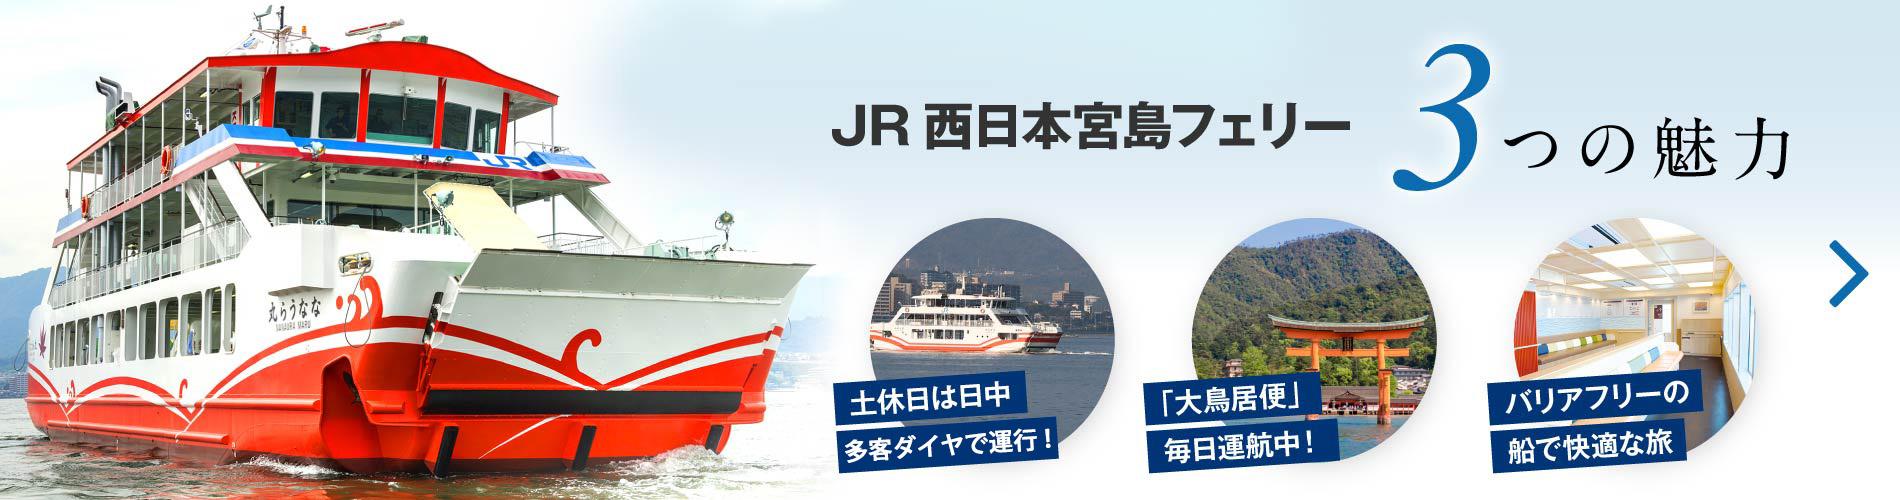 JR西日本宮島フェリー3つの魅力